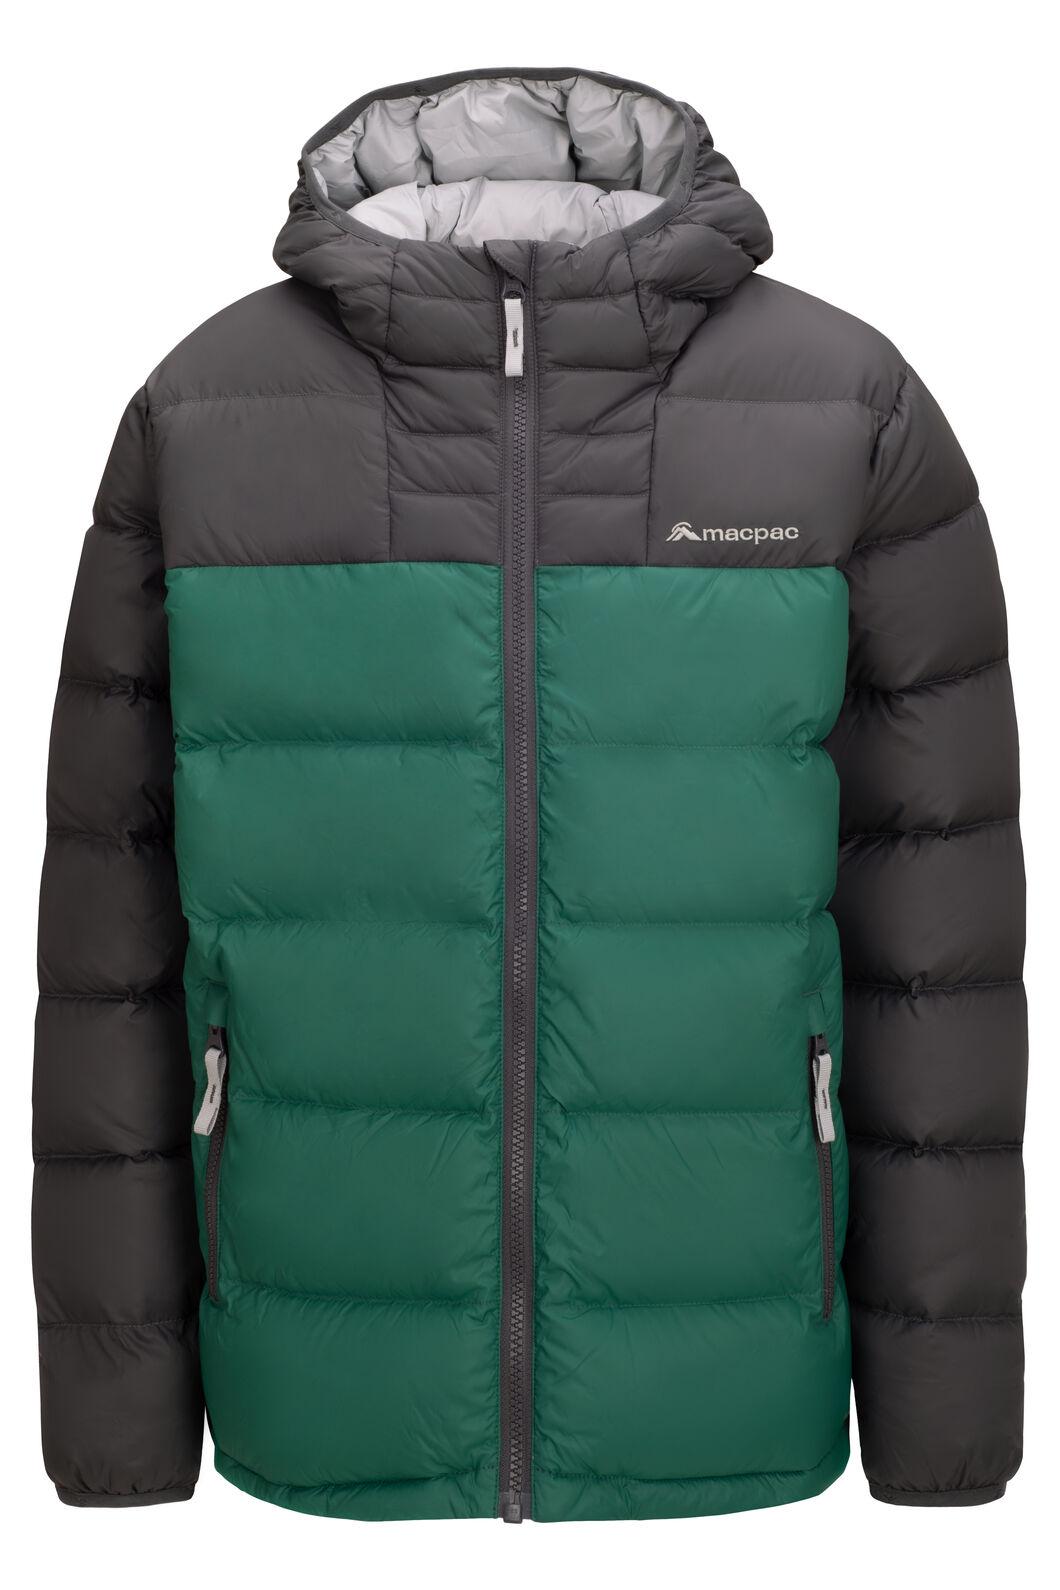 Macpac Kids' Atom Hooded Down Jacket, Evergreen/Asphalt, hi-res